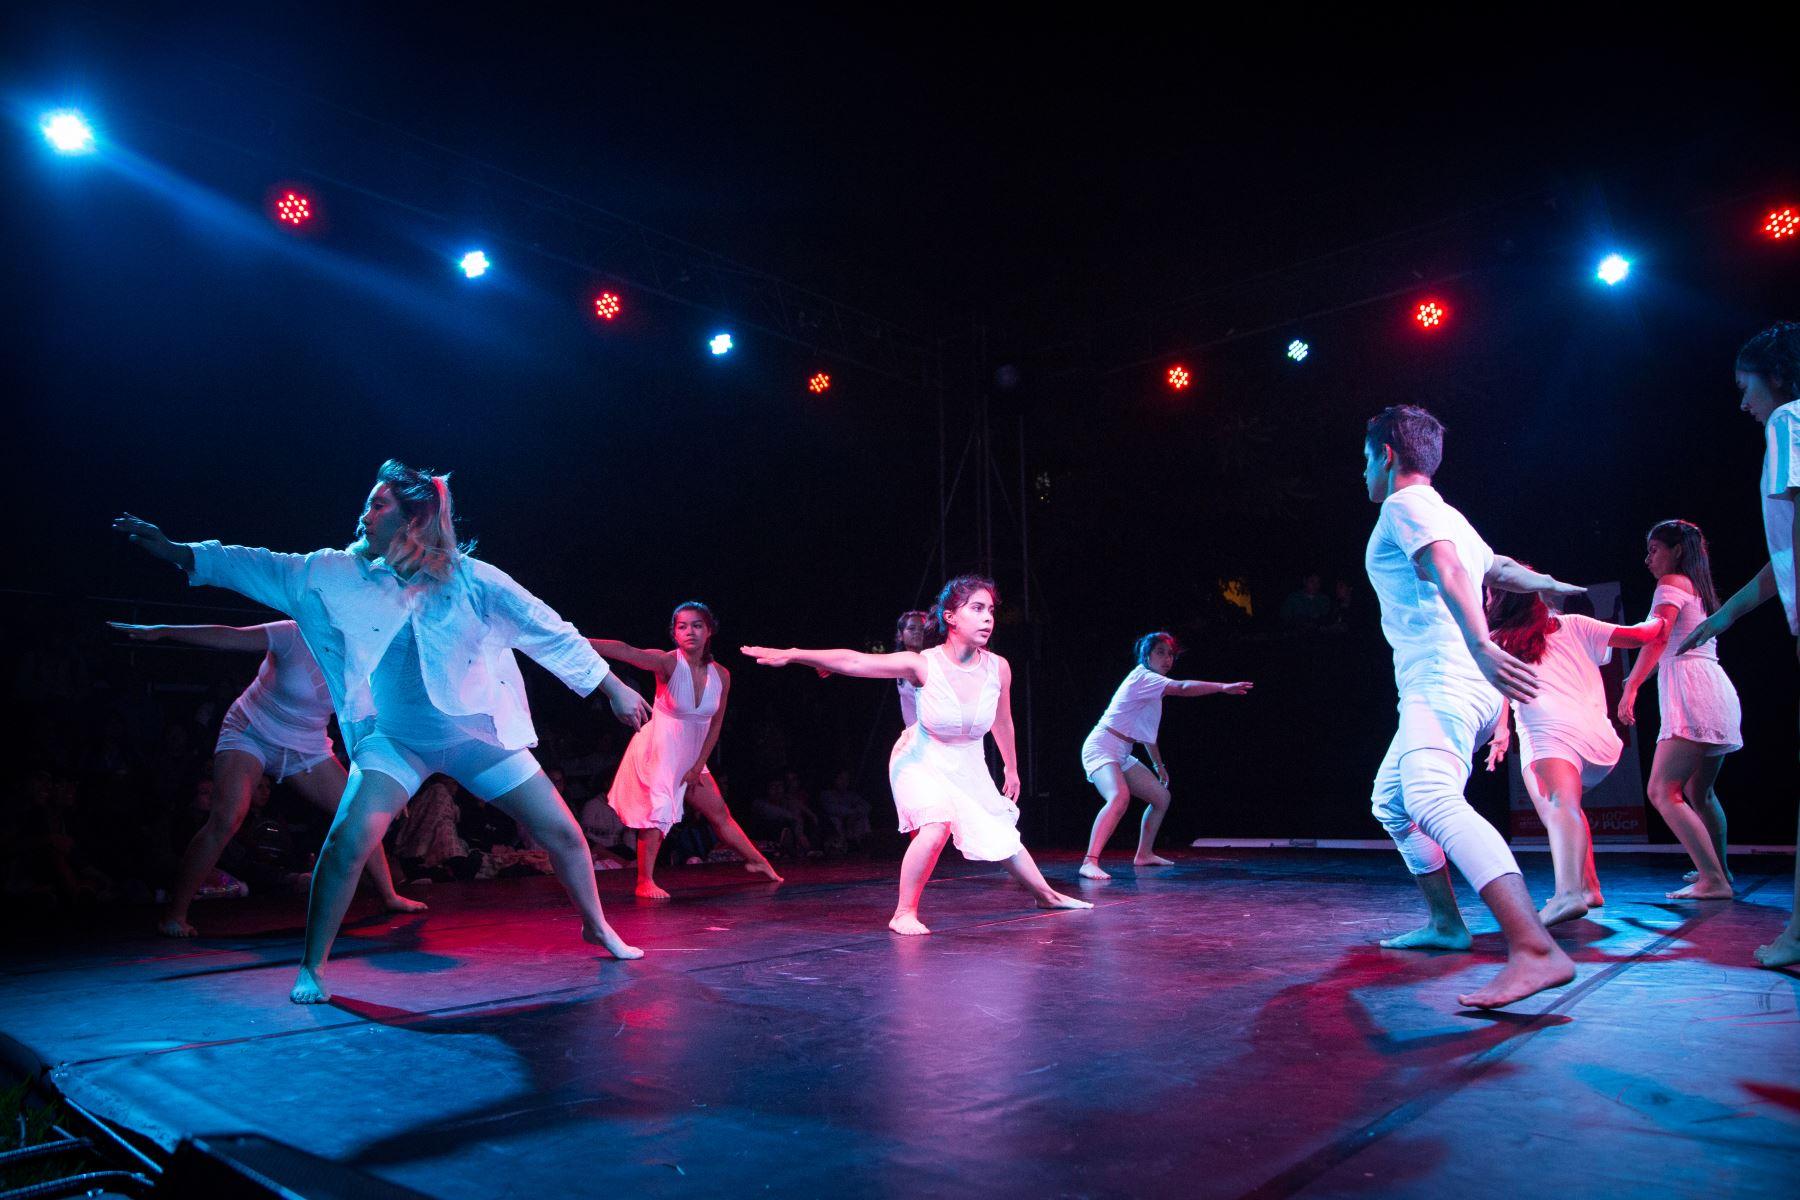 Comunidad de danza contemporánea se reúne virtualmente en la Semana de la Danza 2021.